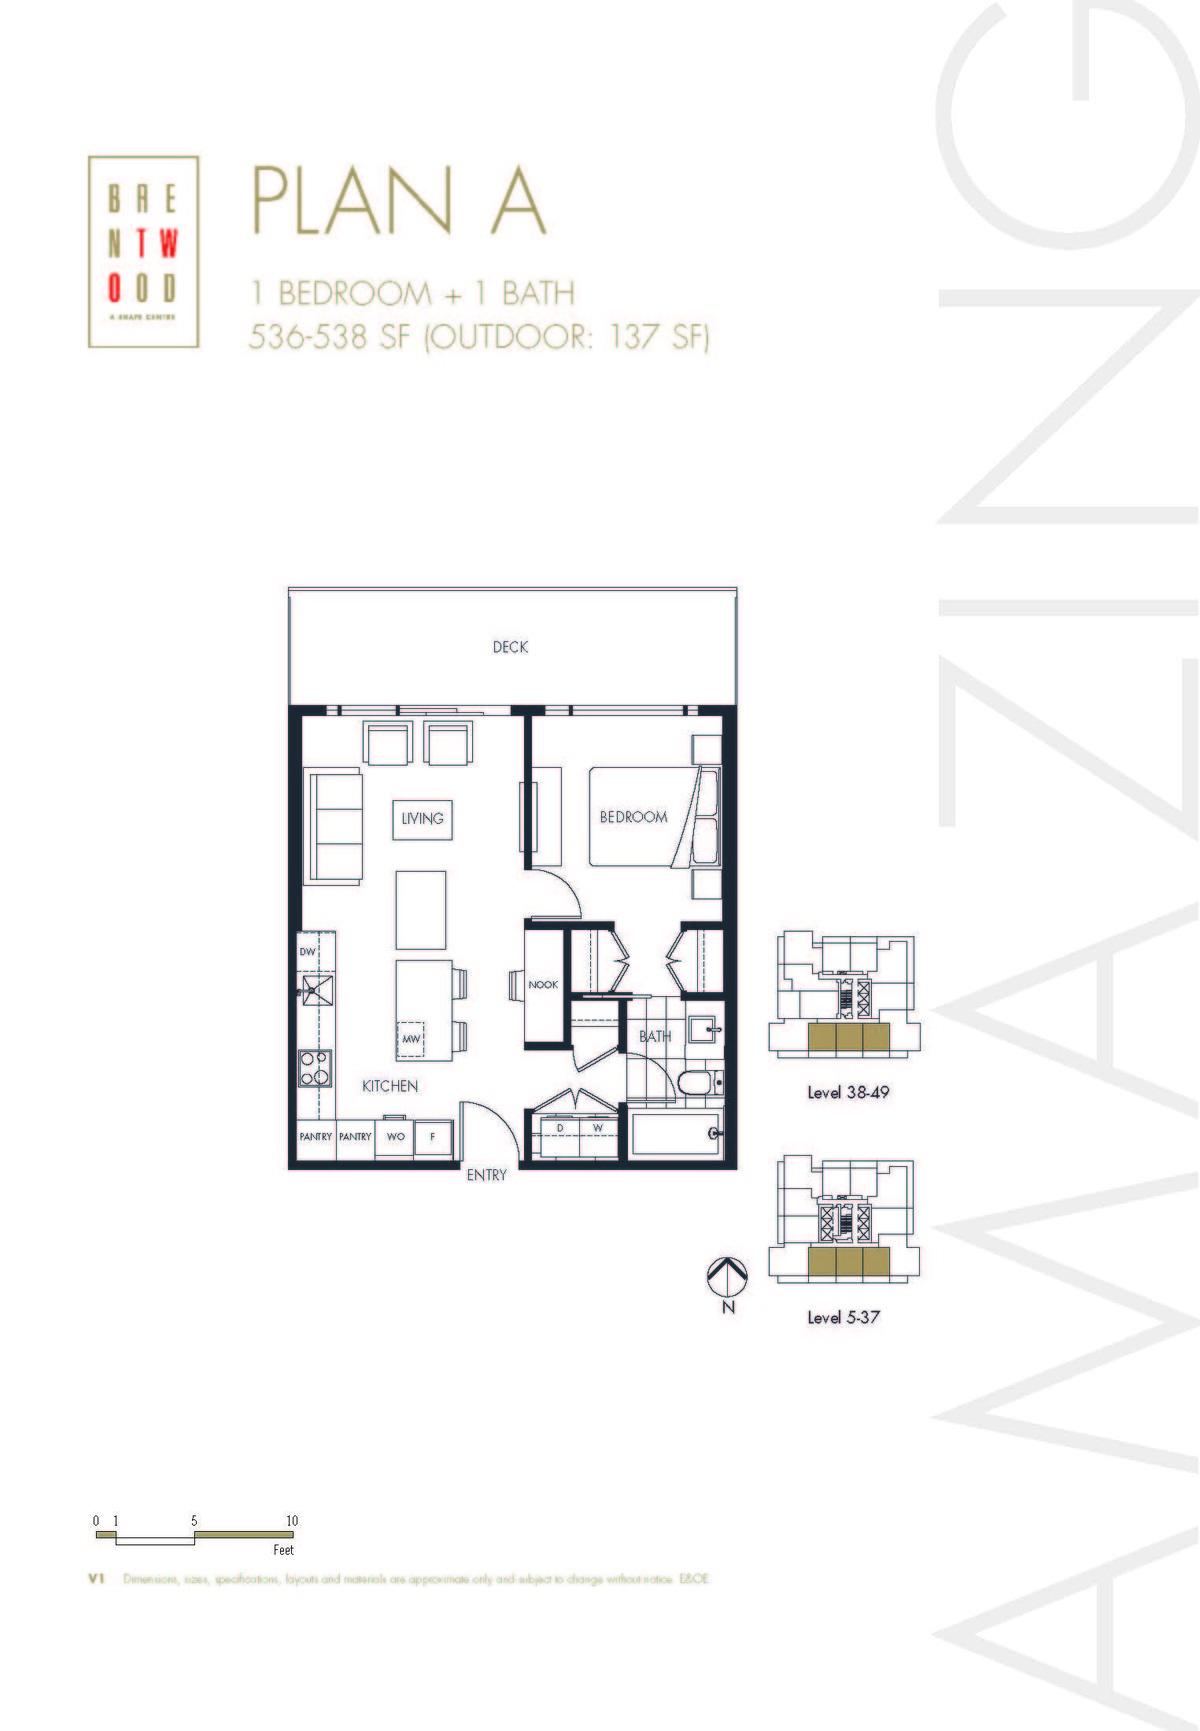 Brentwood_Tower2_Floor Plan_Page_01.jpg